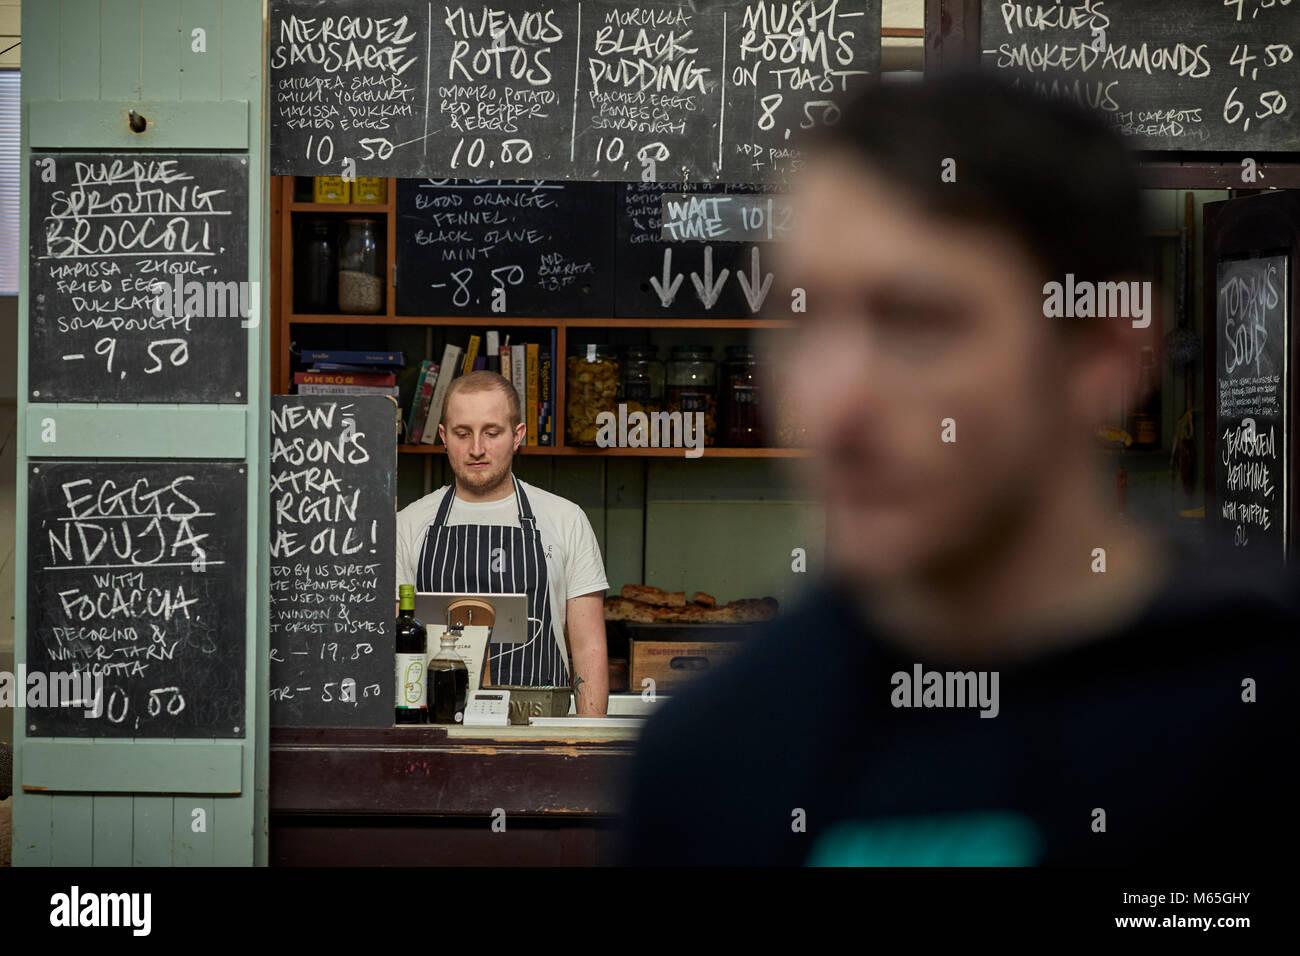 Market House Coffee se atasque en el mercado de grado II, se encuentra casa en el centro de la ciudad de Altrincham, Cheshire. Una intensa y emocionante destino de alimentos Foto de stock